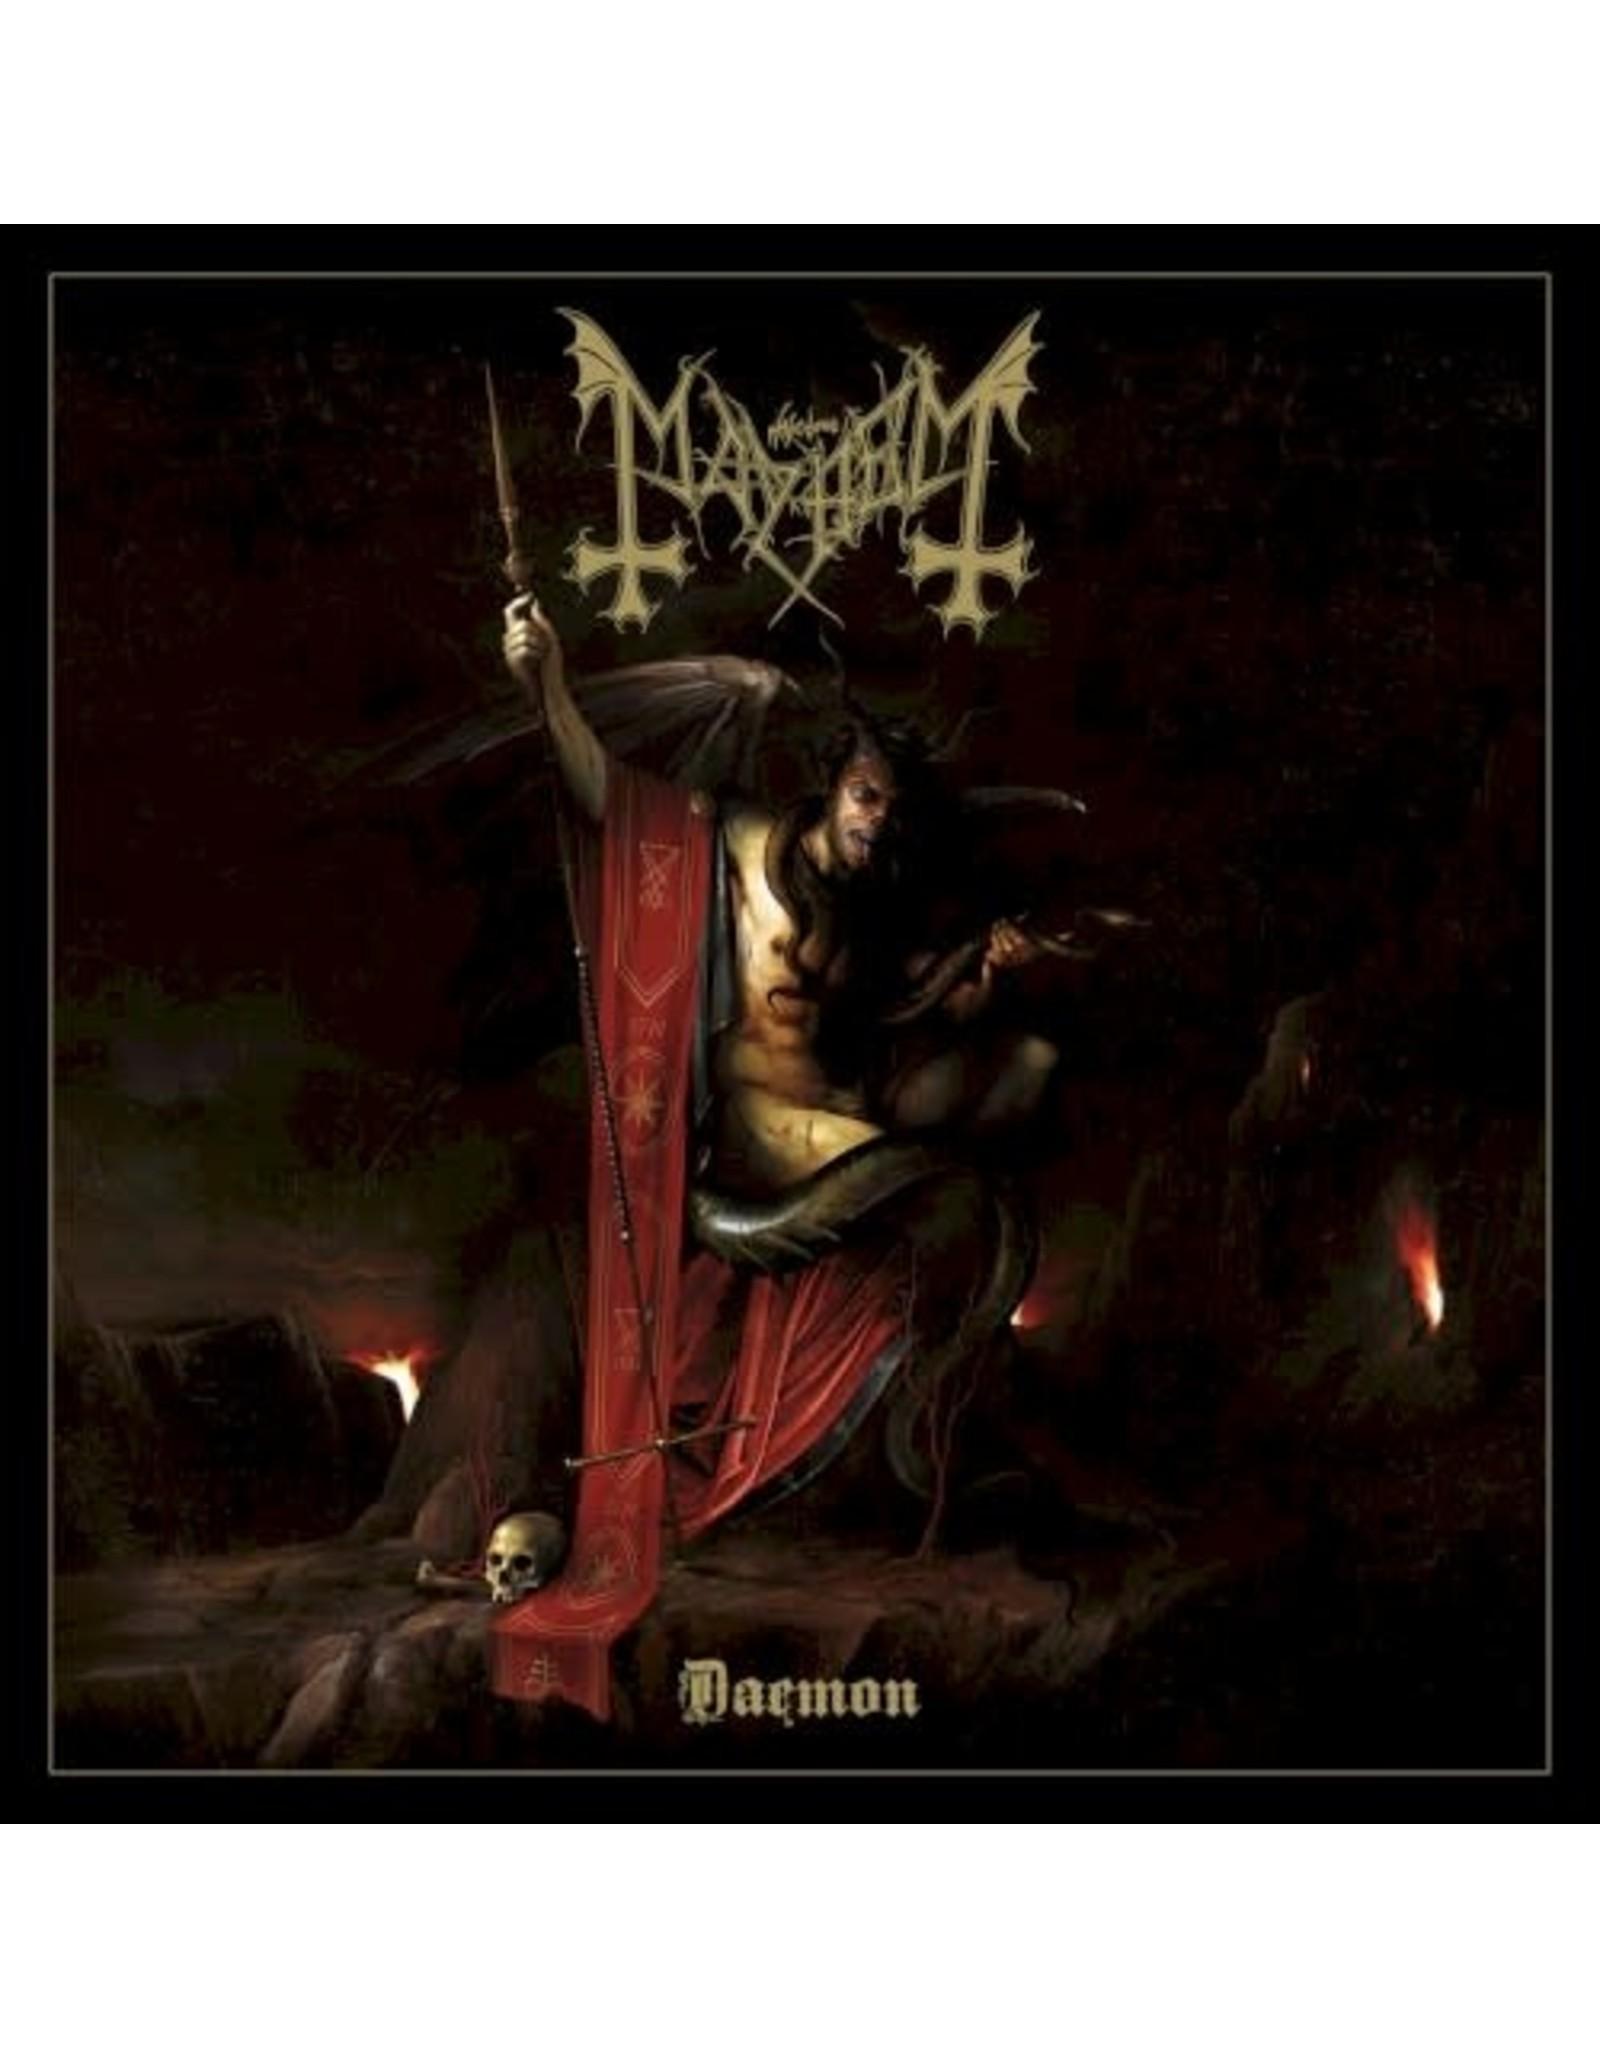 Mayhem - Daemon LP